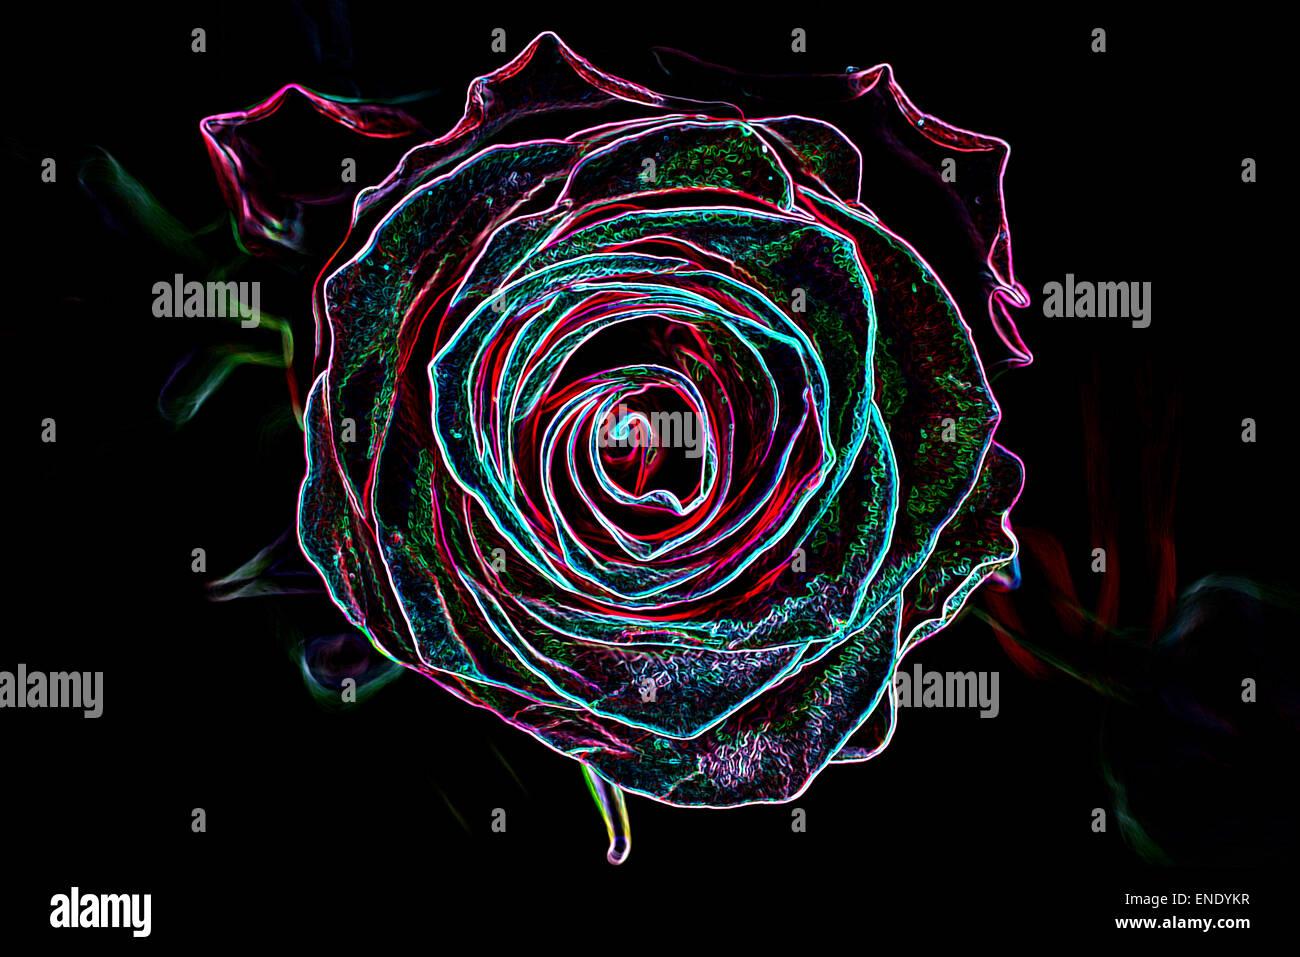 Résumé fond fait de fleur rose néon lumineux, style. Photo Stock